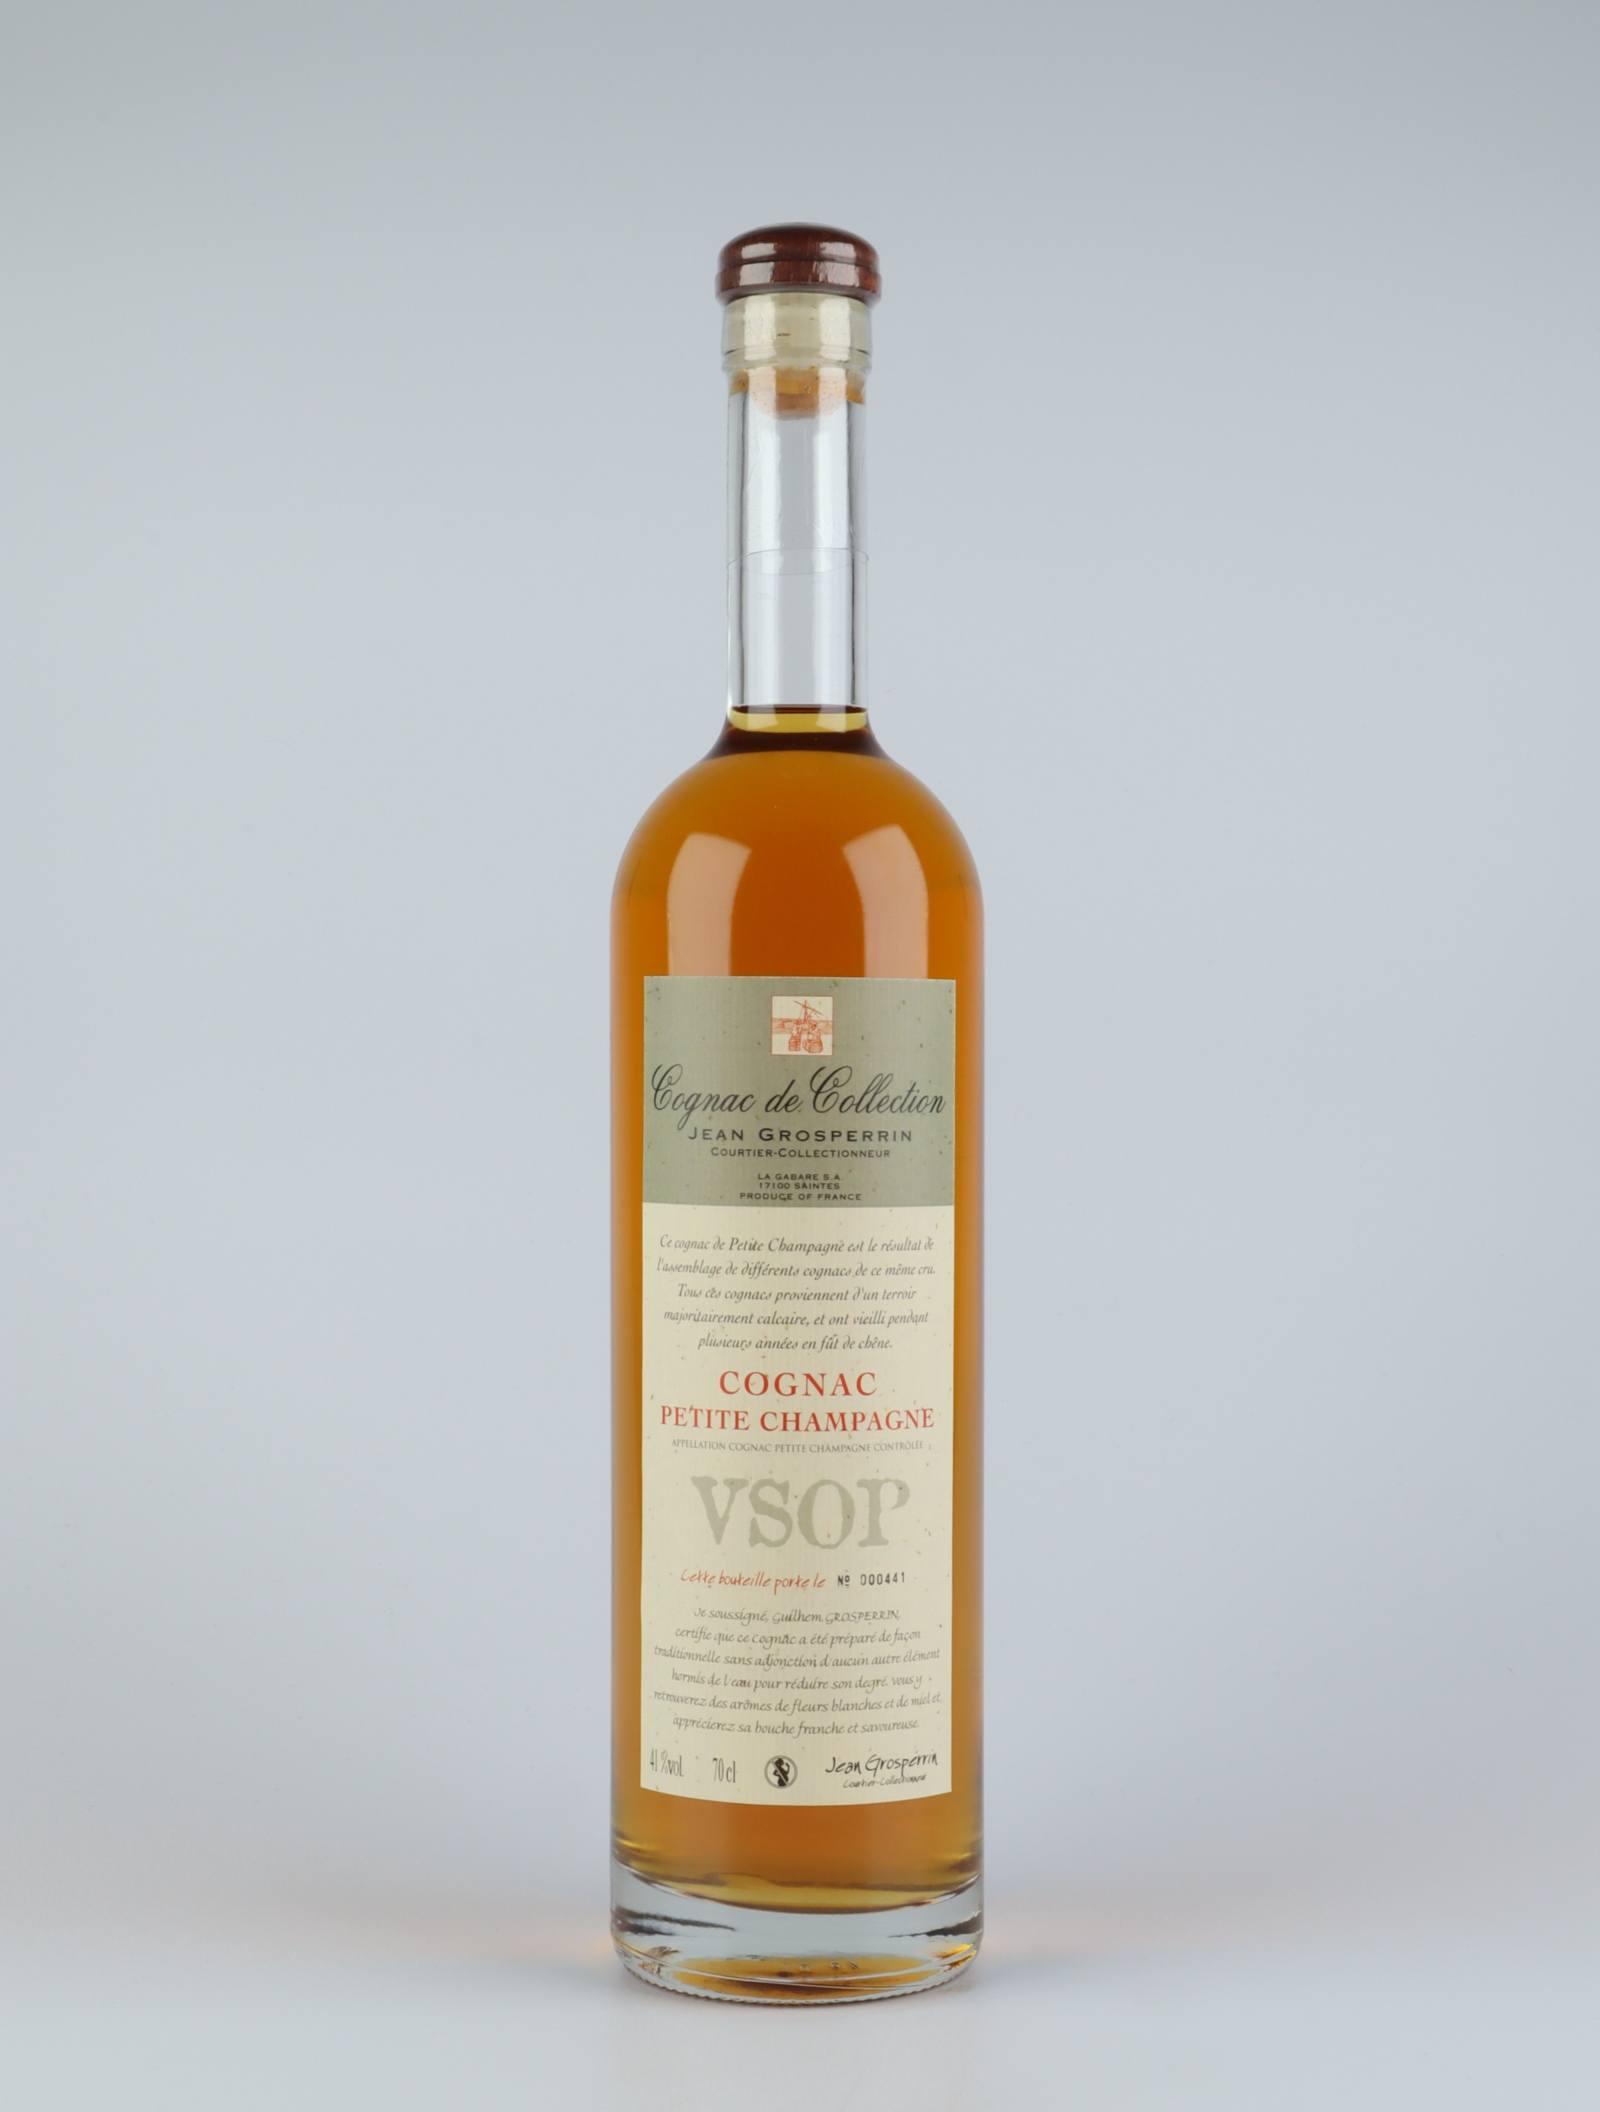 Cognac - VSOP - Petite Champagne